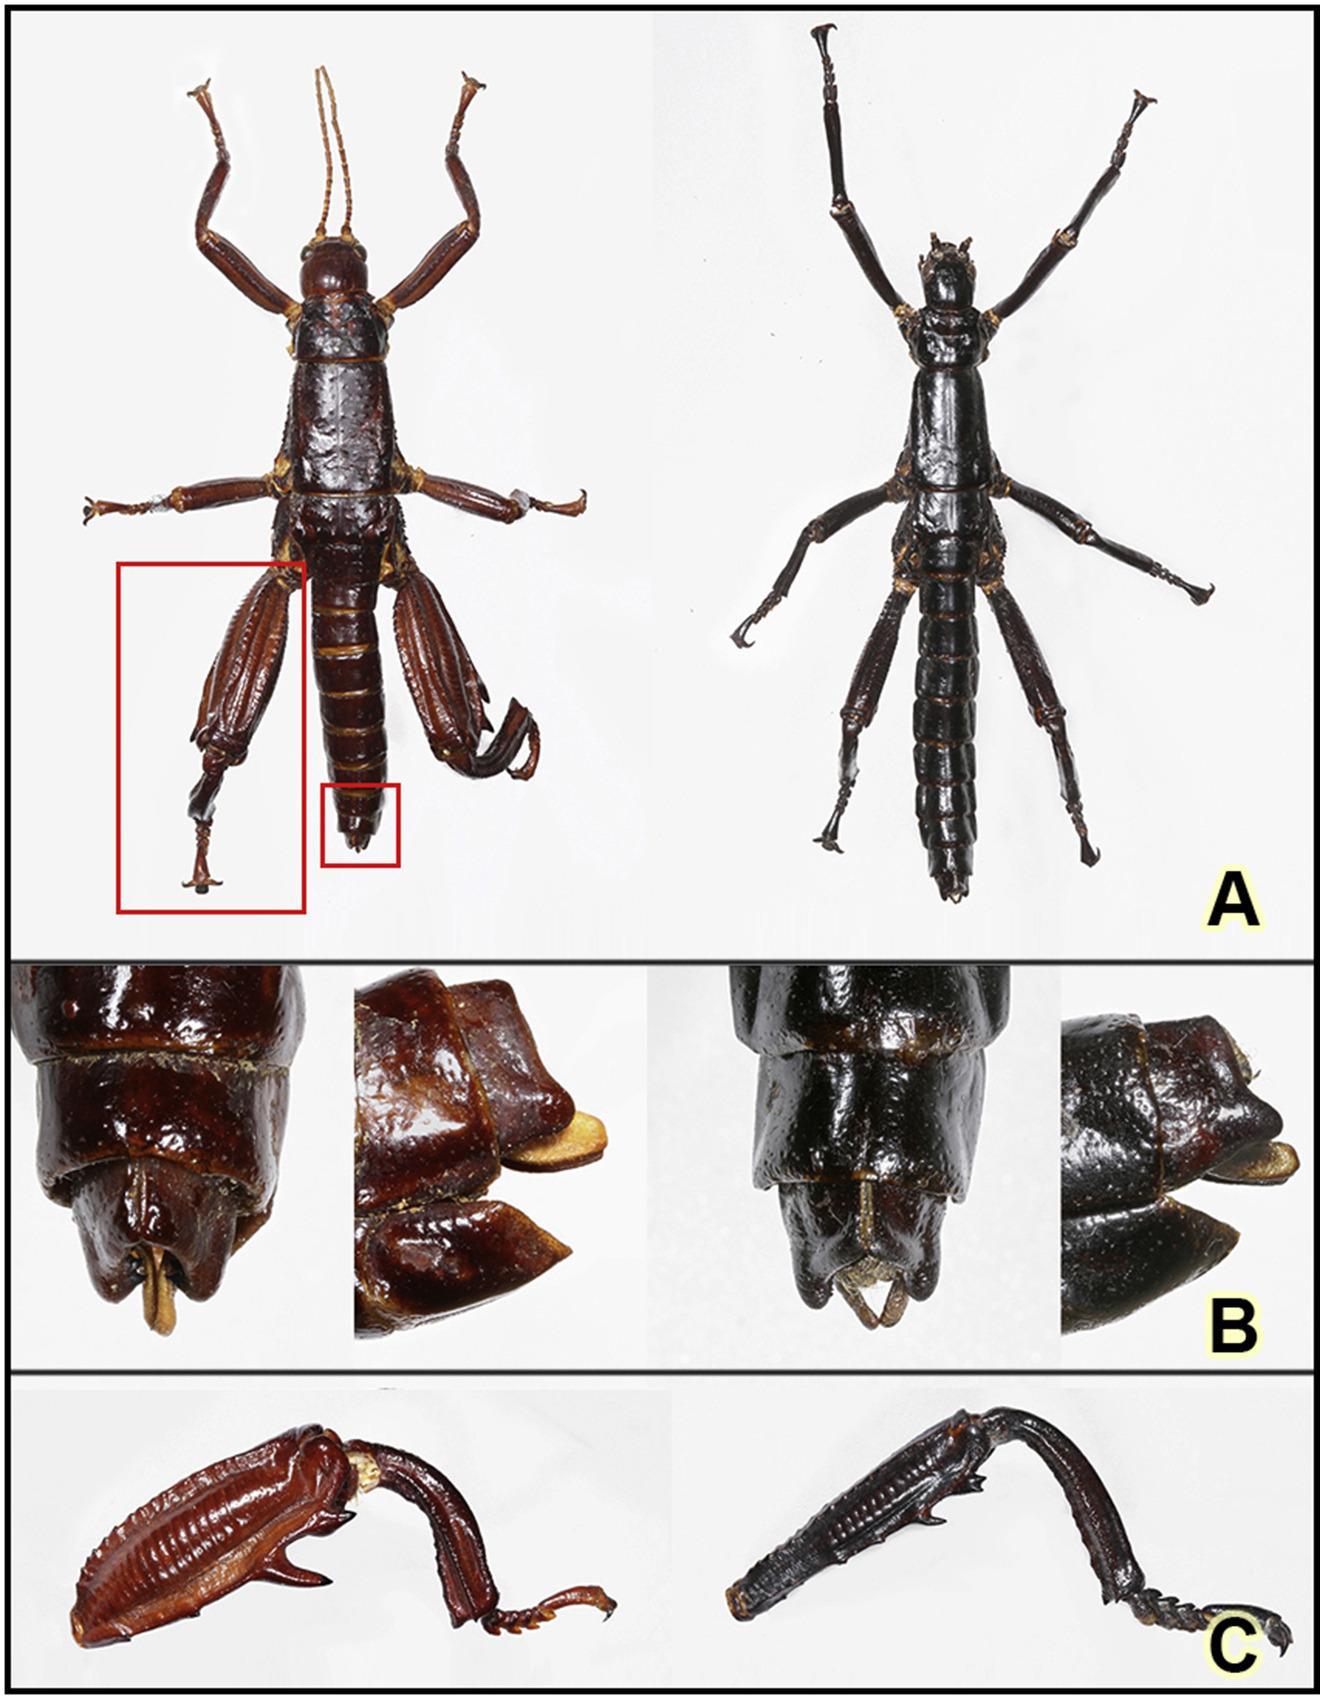 Палочник, который выжил: обнаружены редчайшие насекомые, считавшиеся вымершими